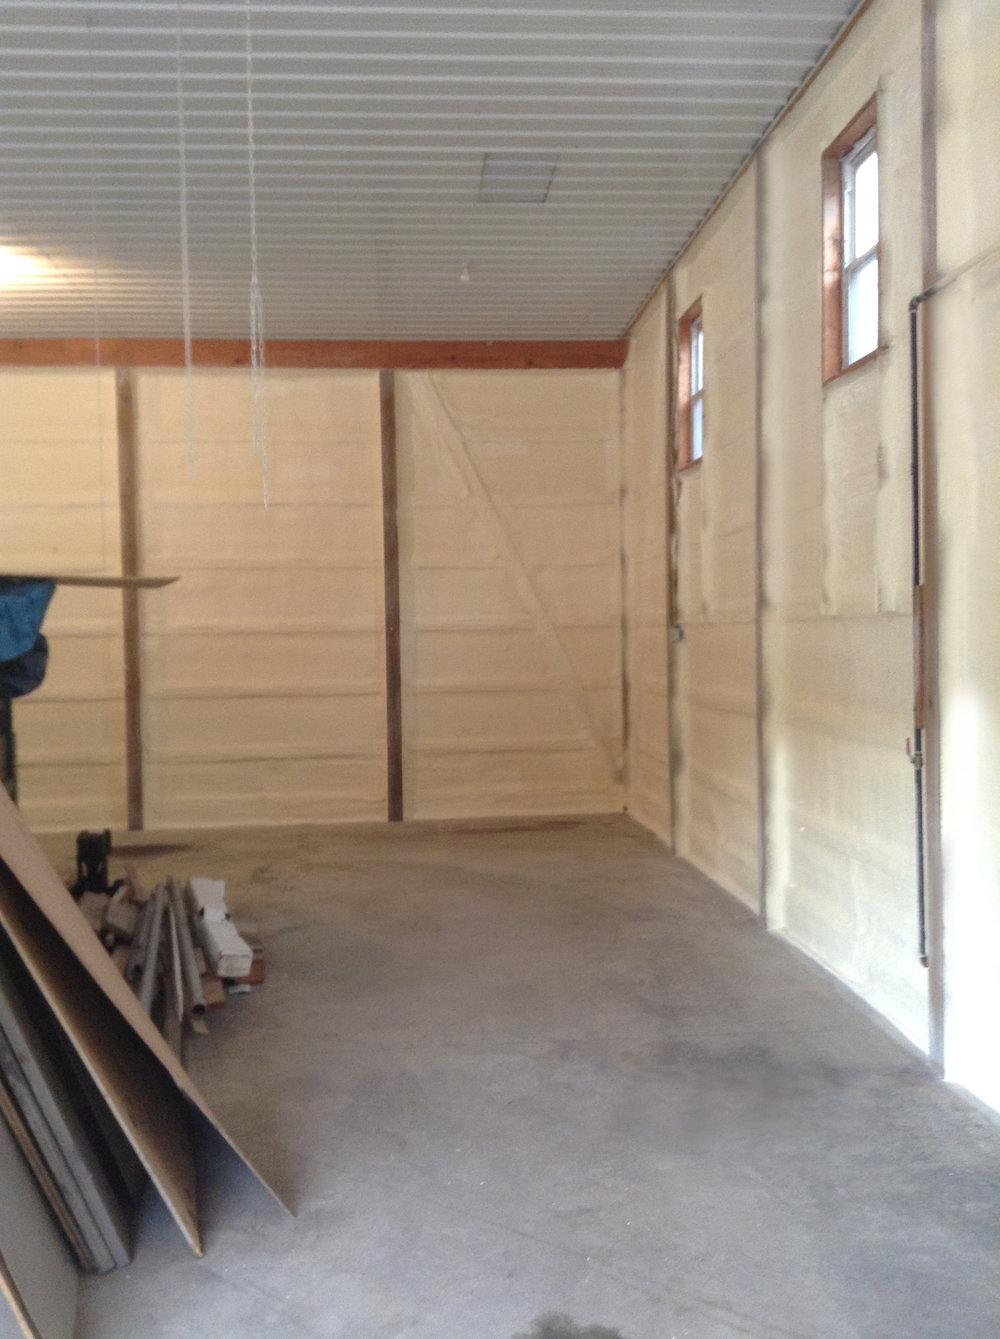 Closed Cell - Pole Barn 3.jpg